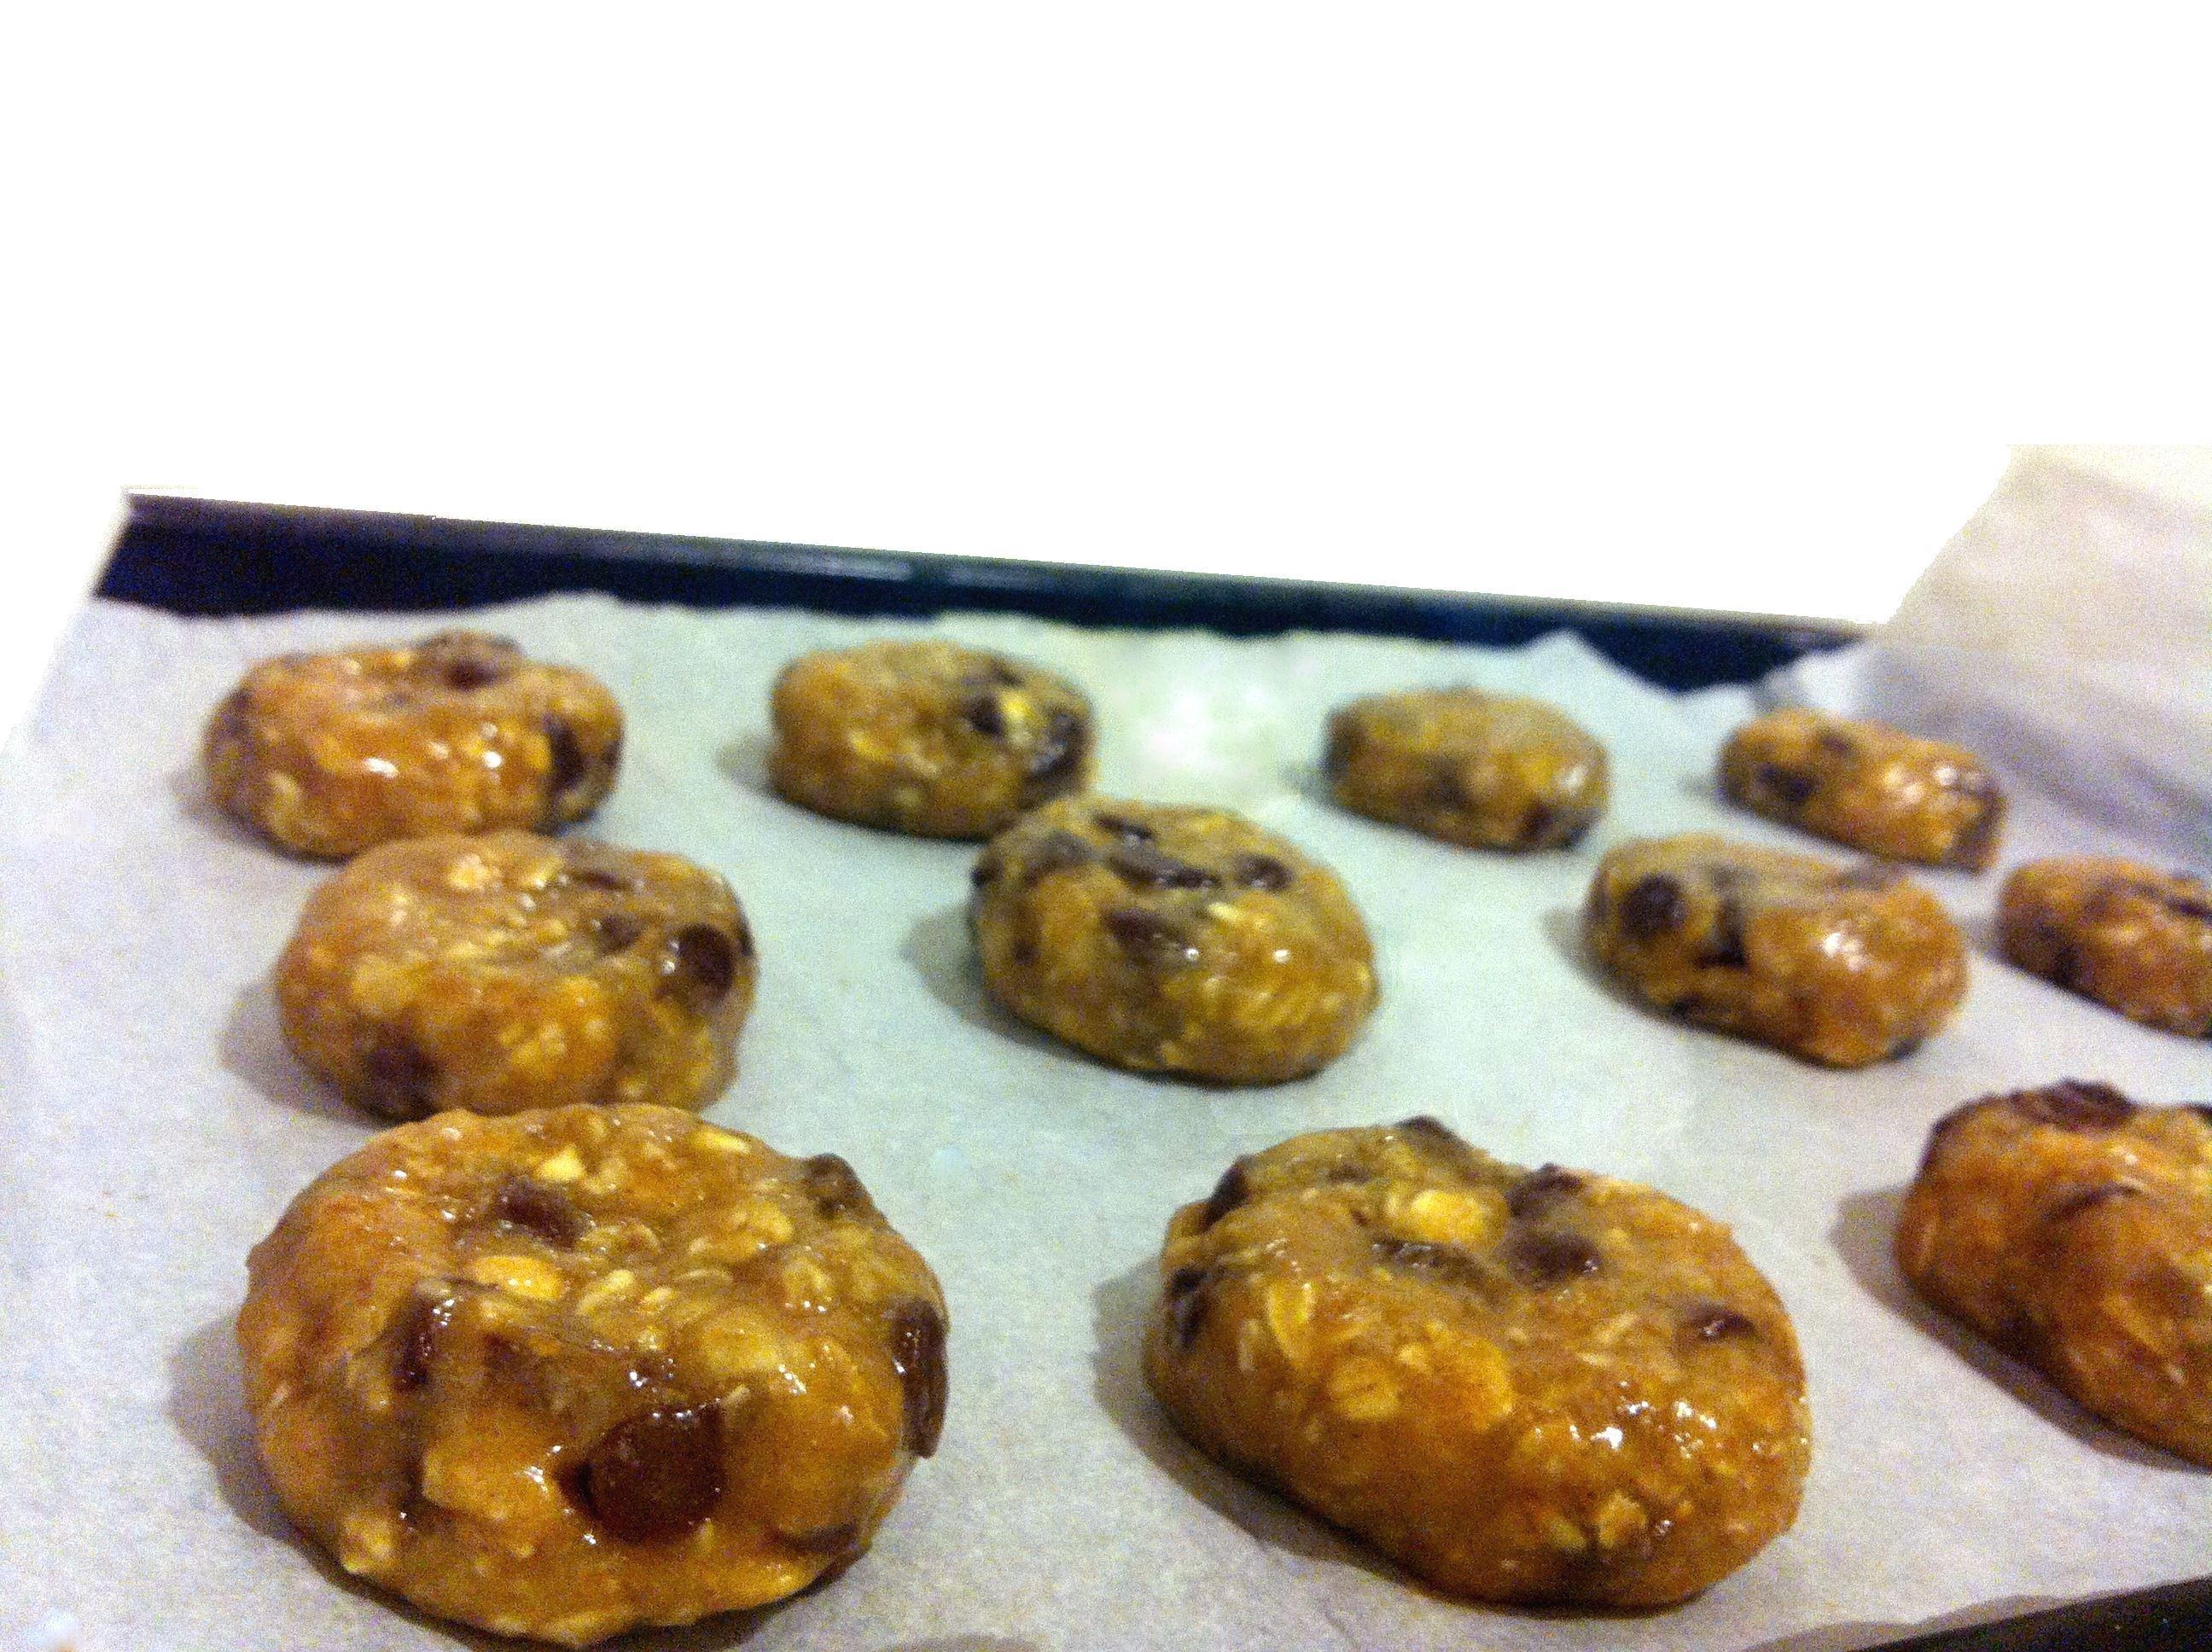 עוגיות שוקולד צ'יפס ושיבולת שועל מושלמות - מתכונים טבעוניים